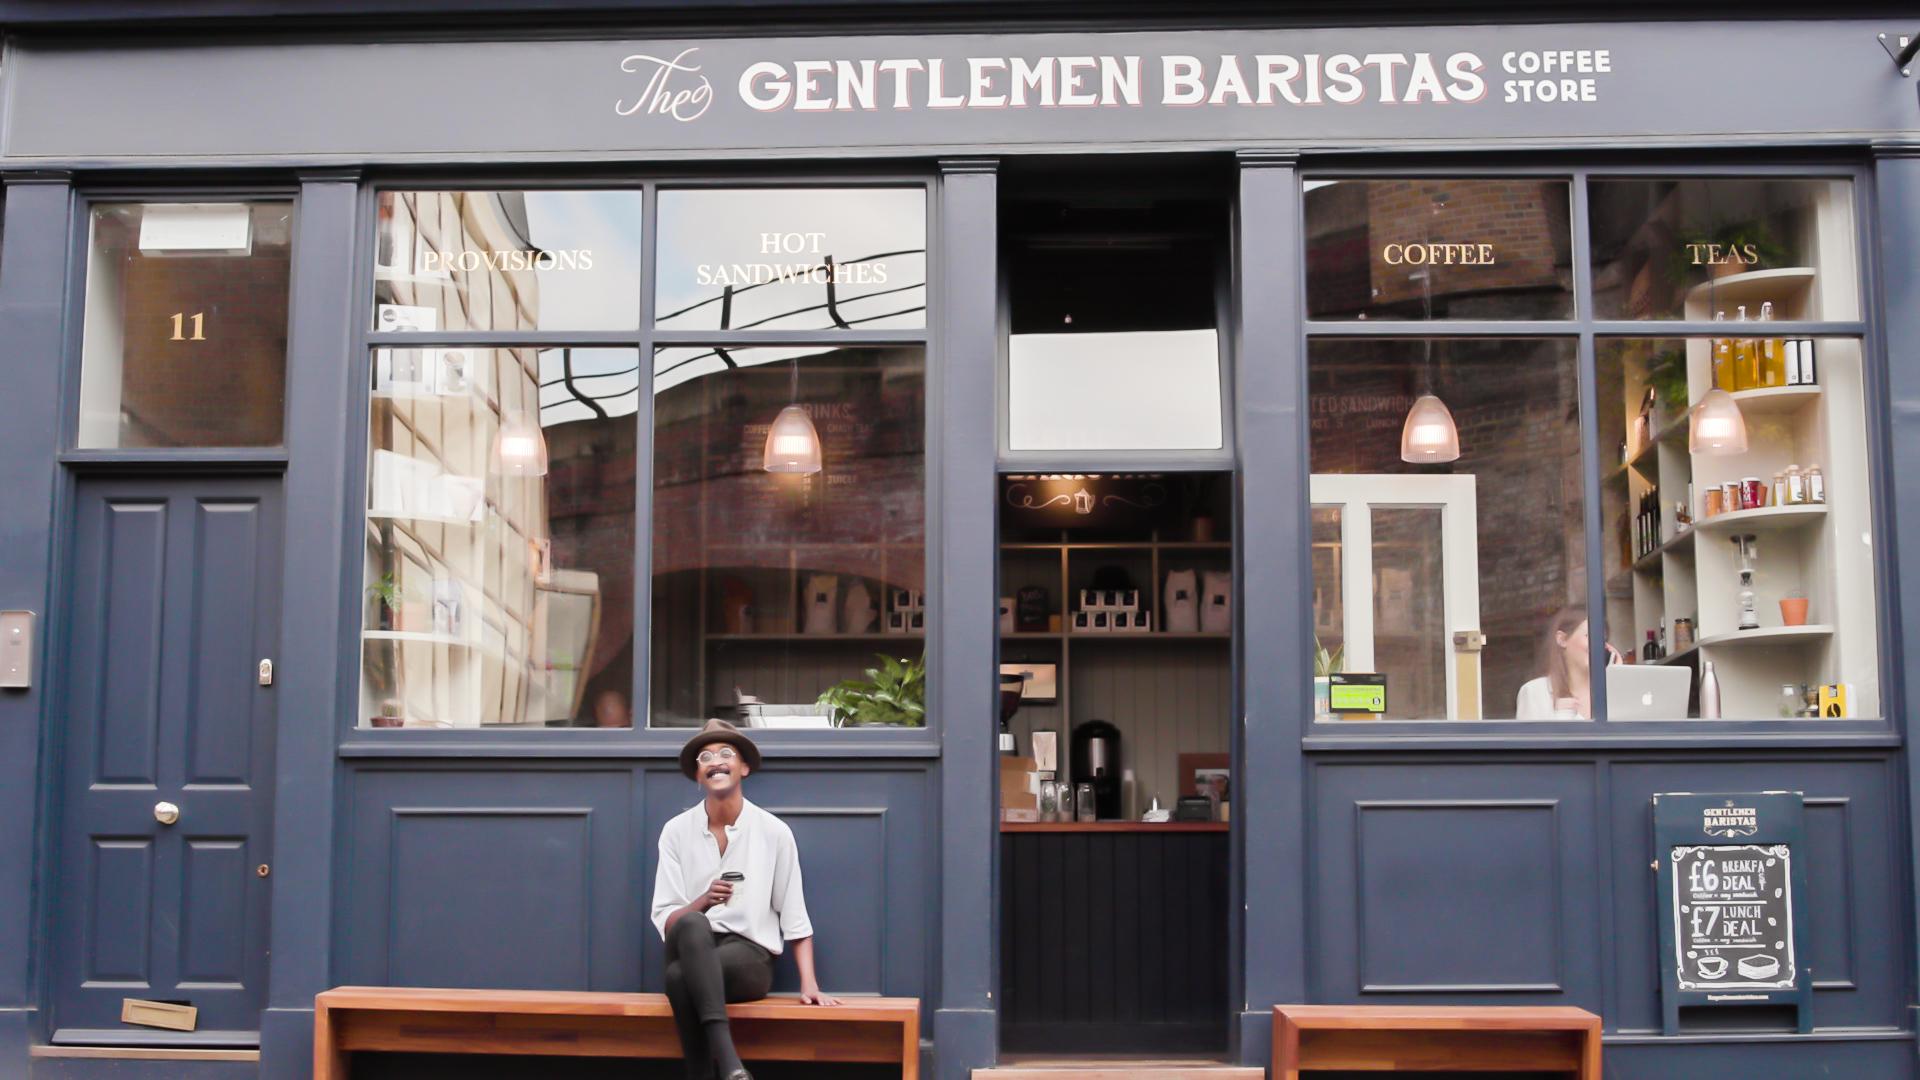 Gentlemen Barista - Gentlemen Barista coffee store